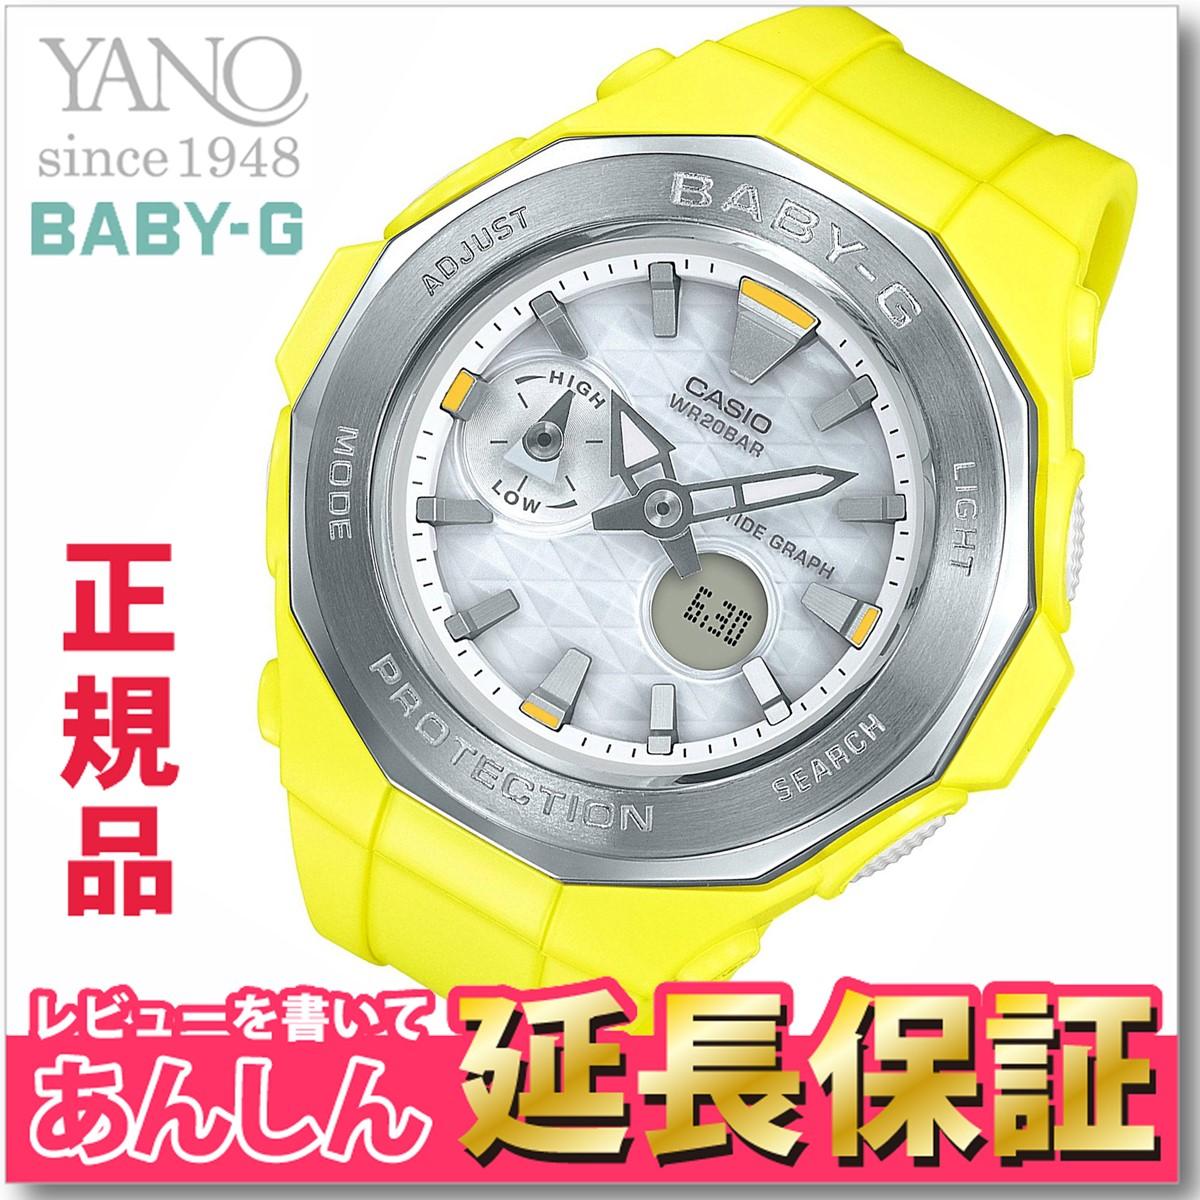 カシオ ベビーG BGA-225-9AJF ビーチ グランピング シリーズ レディース 腕時計 デジアナ CASIO BABY-G 【正規品】【0517】【店頭受取対応商品】